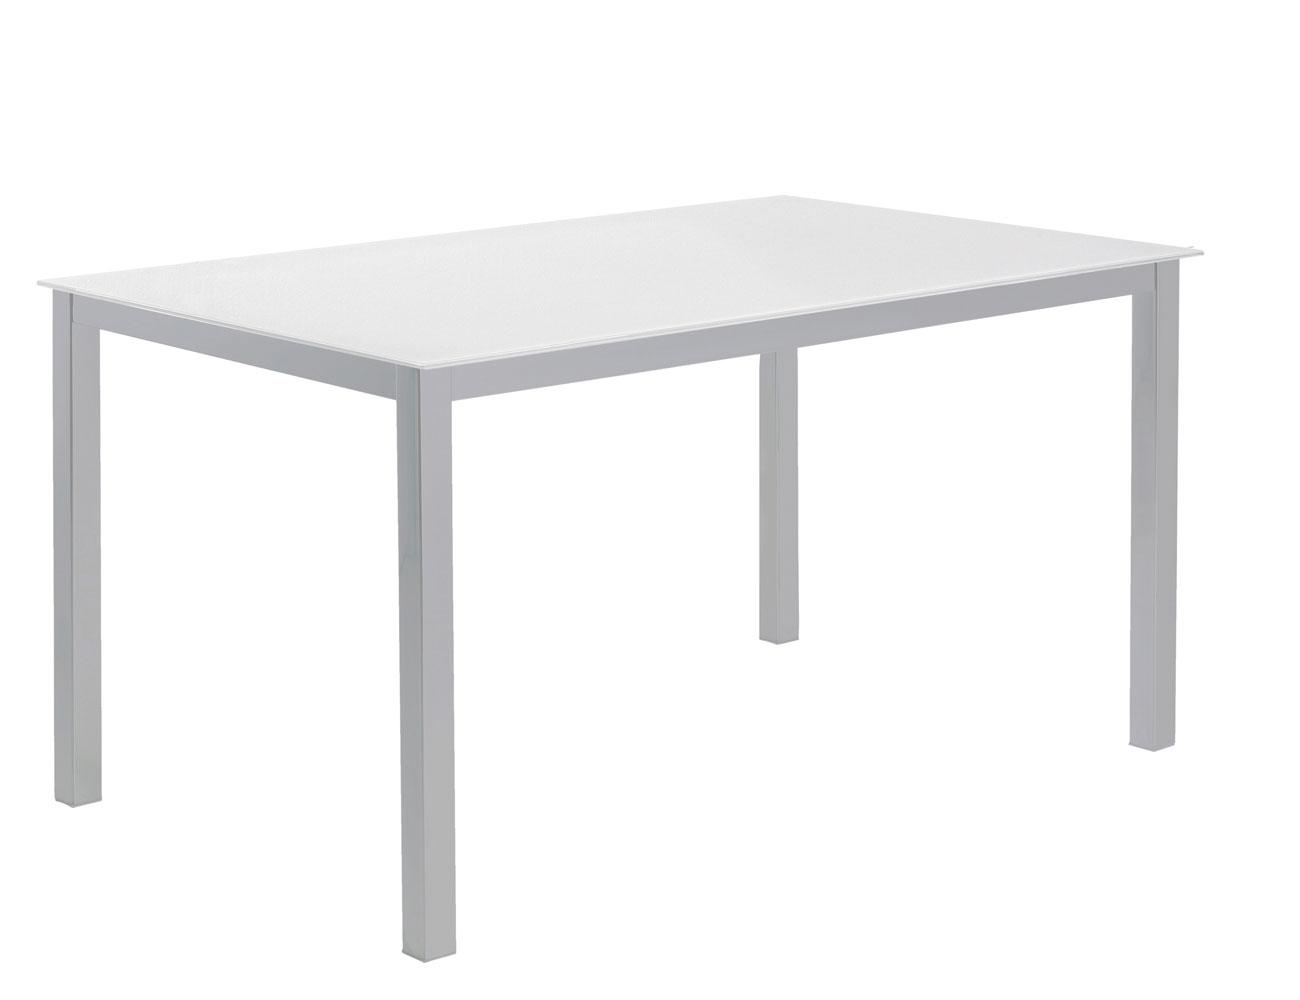 Mesa comedor cristal templado 201 blanco